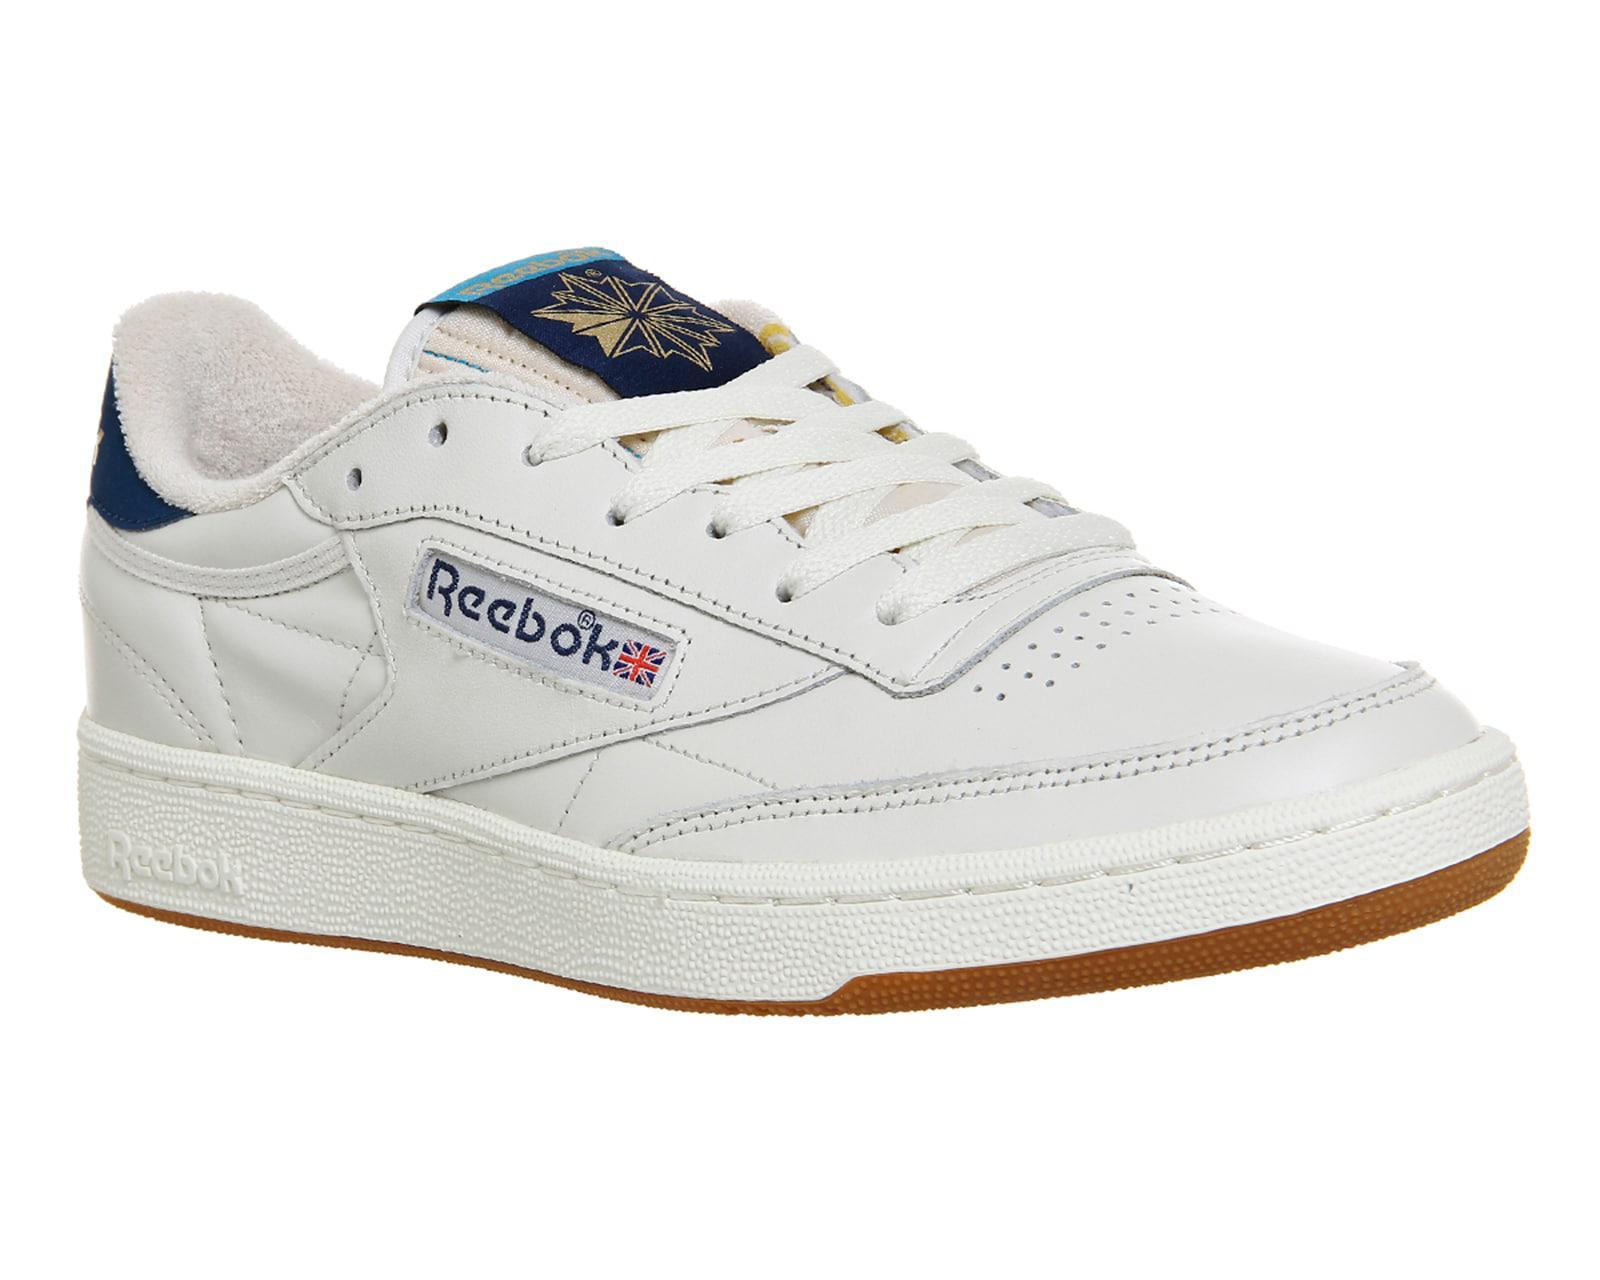 Lyst - Reebok Club C 85 in White 7af9c65dc